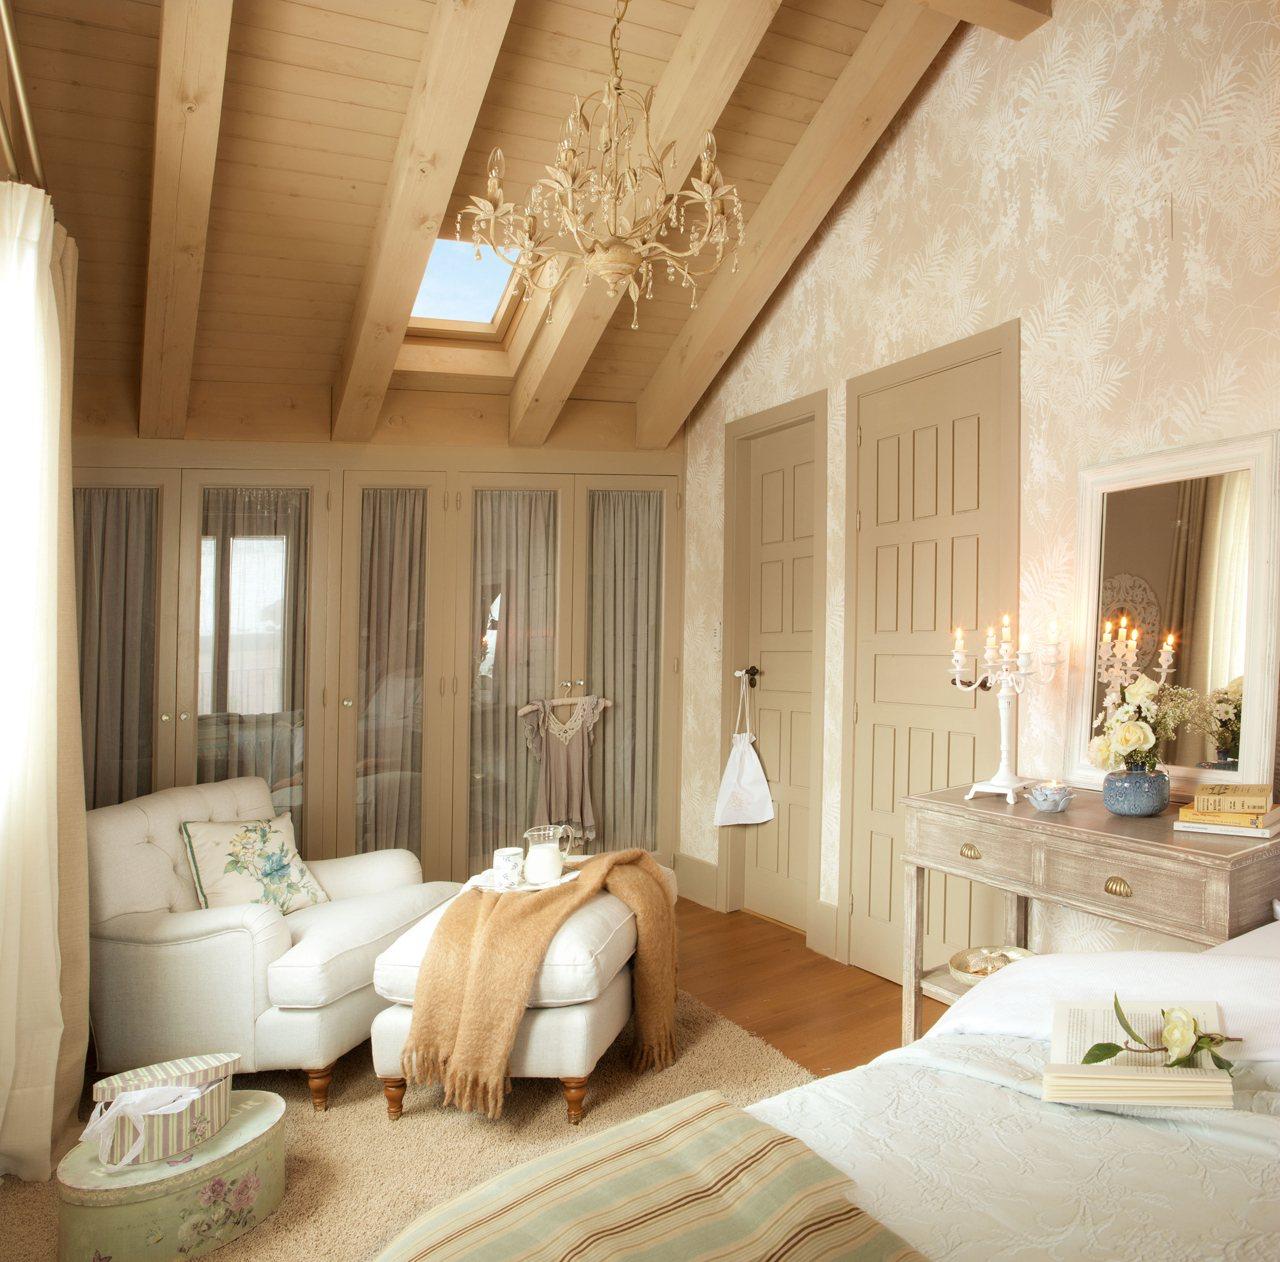 Gana un peque o vestidor - Cortinas dormitorio principal ...